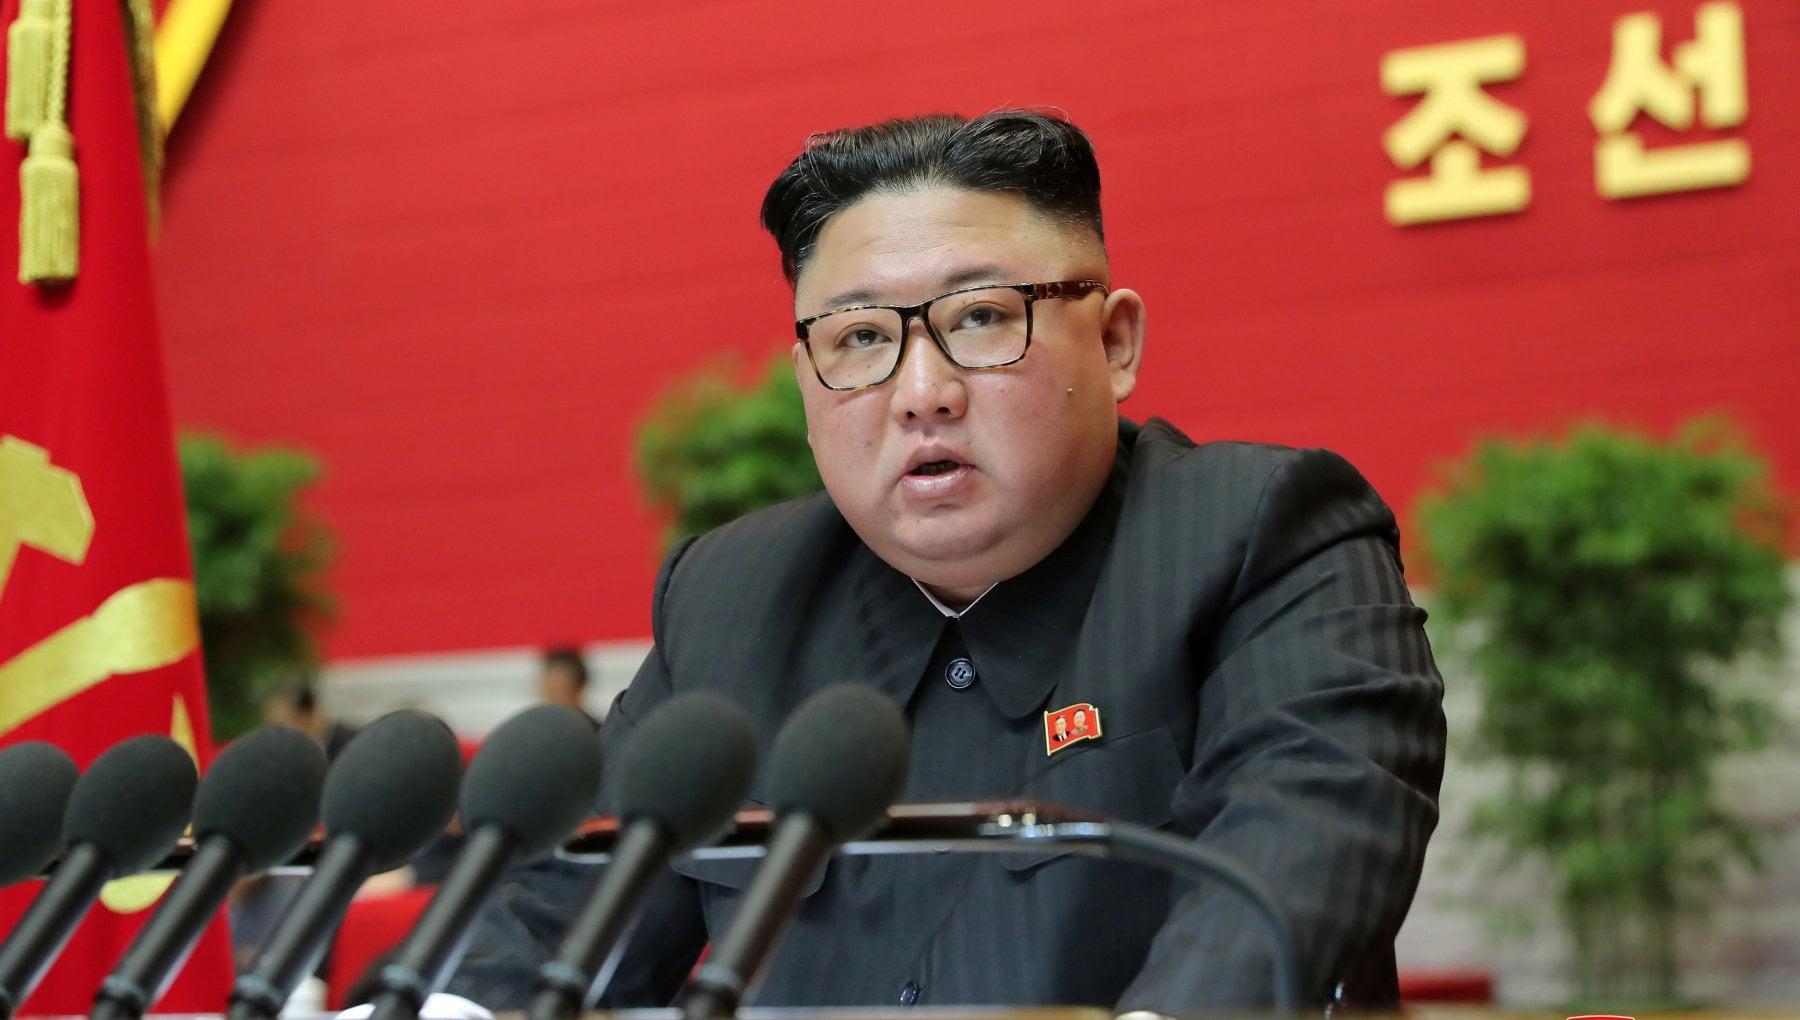 """012853327 6dc4b9f8 8750 4d12 8837 c1433154272b - Nord Corea, Kim: """"Completato piano per avere sottomarino nucleare"""""""